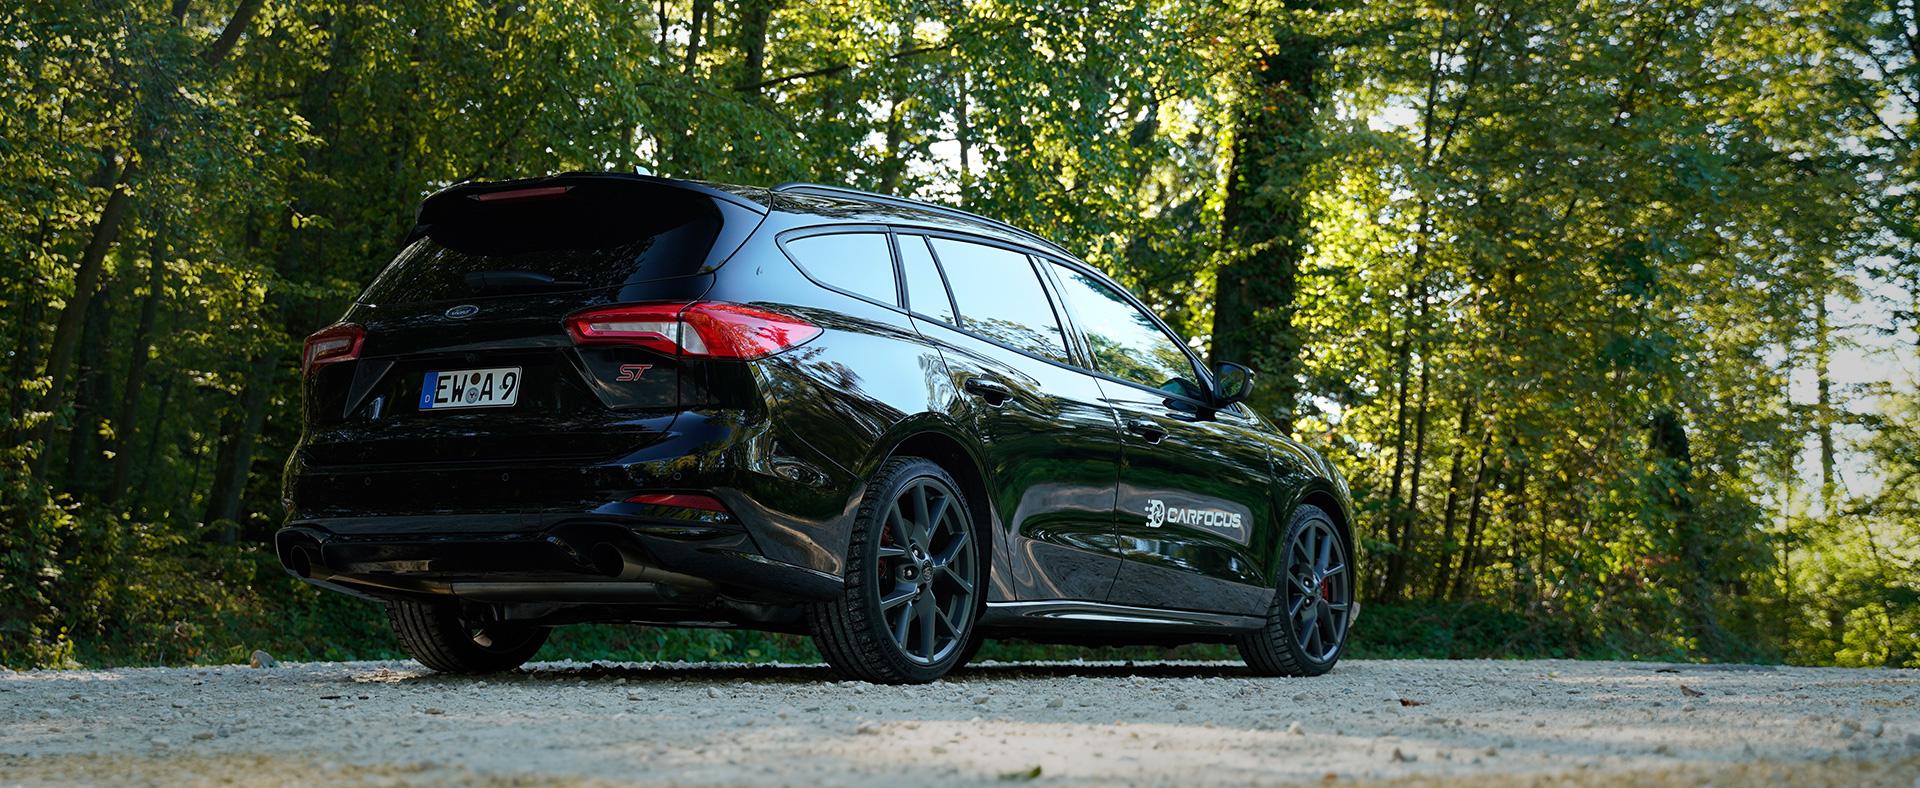 2019 BMW X4 M (G02) S58 Motor – 611 PS mit RaceChip